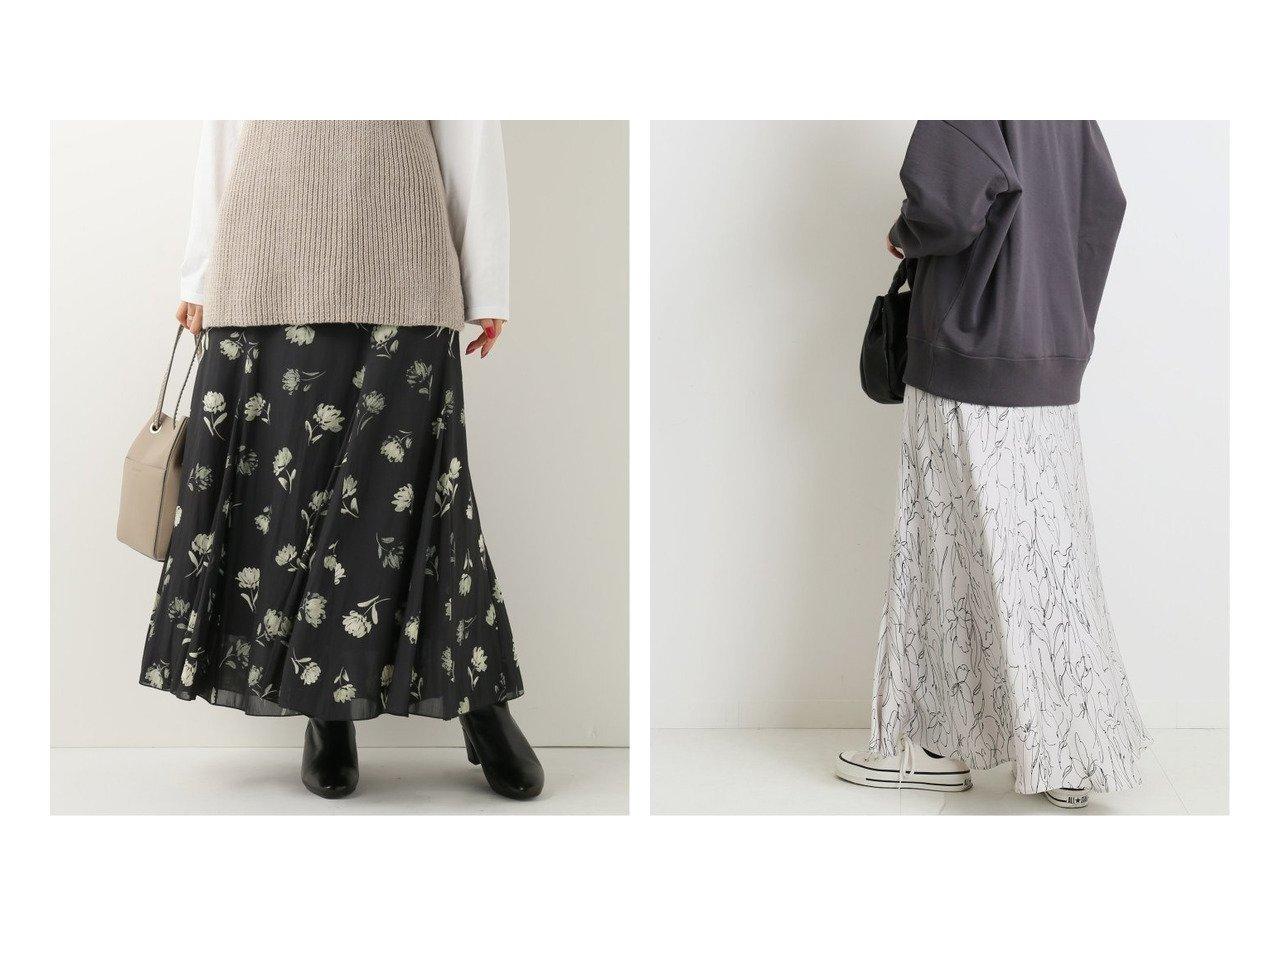 【IENA/イエナ】のランダムフラワー サテンフレアスカート&カッセンデシンパネルスカート スカートのおすすめ!人気、レディースファッションの通販 おすすめで人気のファッション通販商品 インテリア・家具・キッズファッション・メンズファッション・レディースファッション・服の通販 founy(ファニー) https://founy.com/ ファッション Fashion レディース WOMEN スカート Skirt Aライン/フレアスカート Flared A-Line Skirts A/W 秋冬 Autumn &  Winter フラワー フレア プリント マキシ 無地 モノトーン ランダム  ID:crp329100000005310